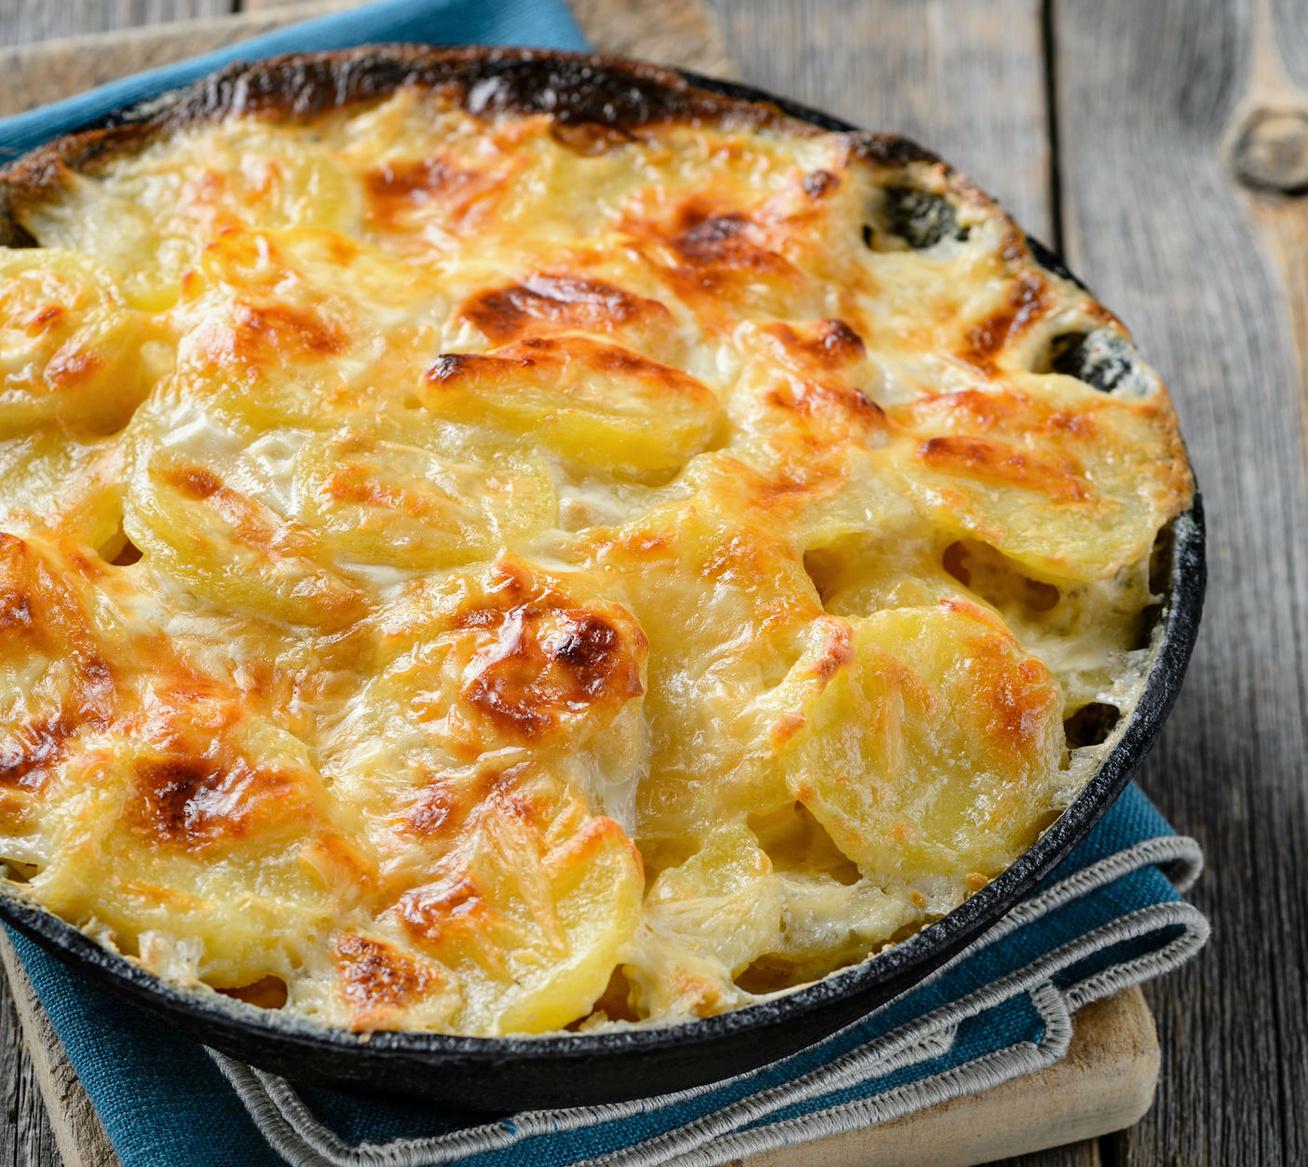 Sült zelleres krumpli sok sajttal és krémes szafttal - Ez aztán a csodás köret!